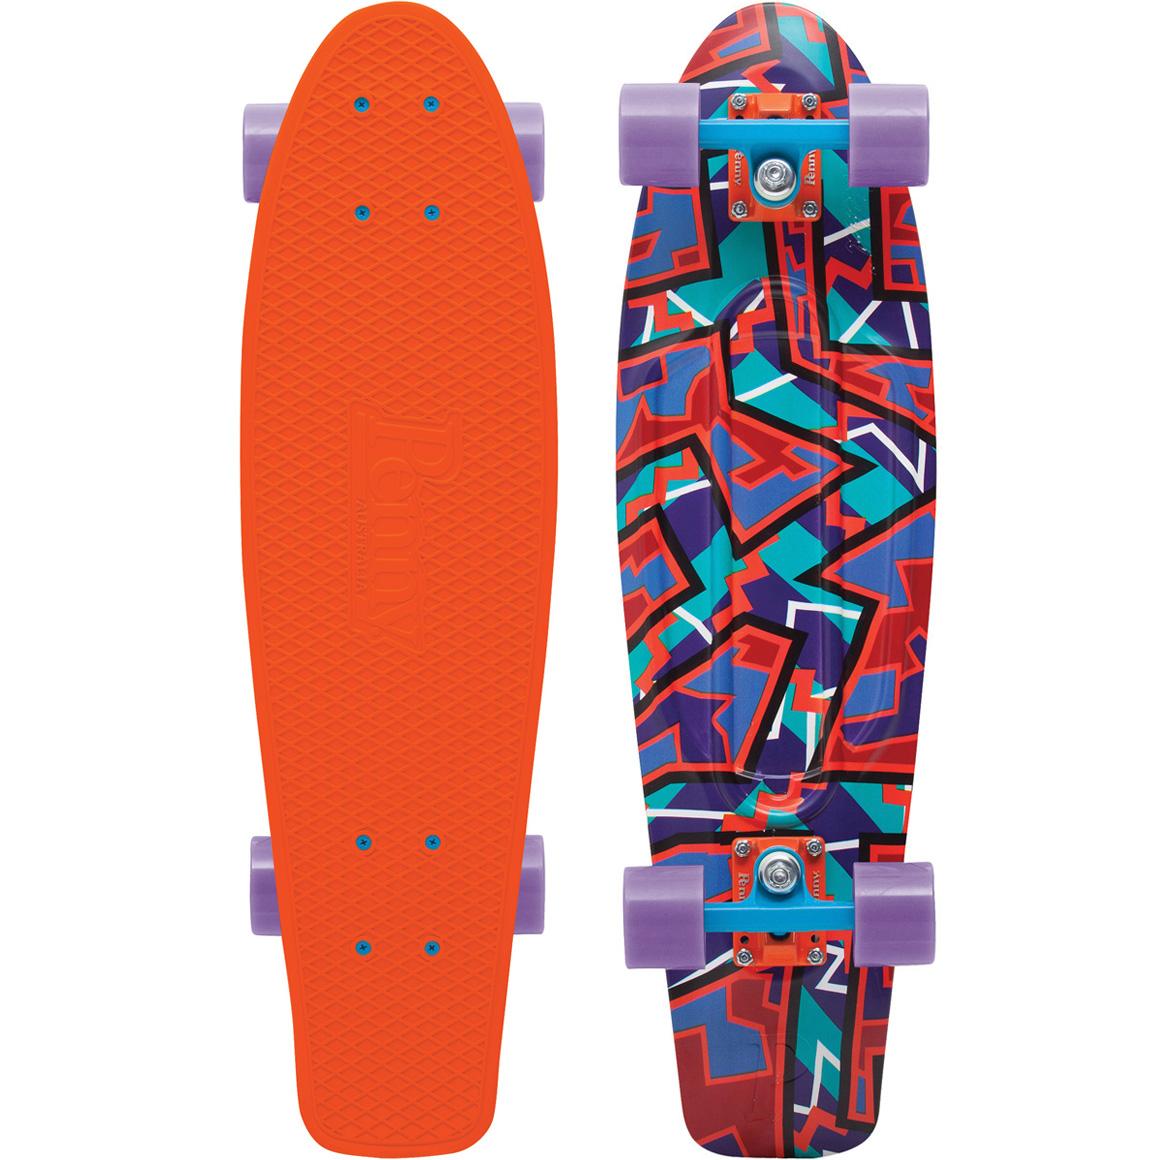 Пенни борд Penny Nickel 27 LTD, цвет: Spike Orange3B327Penny продукт 12-ти летнего опыта в производстве скейтбордов Бена Маккея. В Penny он вложил все что знал о дизайне и производстве, чтобы придумать качественную, крепкую, фановую и цветную виниловую доску пенни. PENNY комплект лонгборд для детей от 4-х лет. Предназначен для активного отдыха.